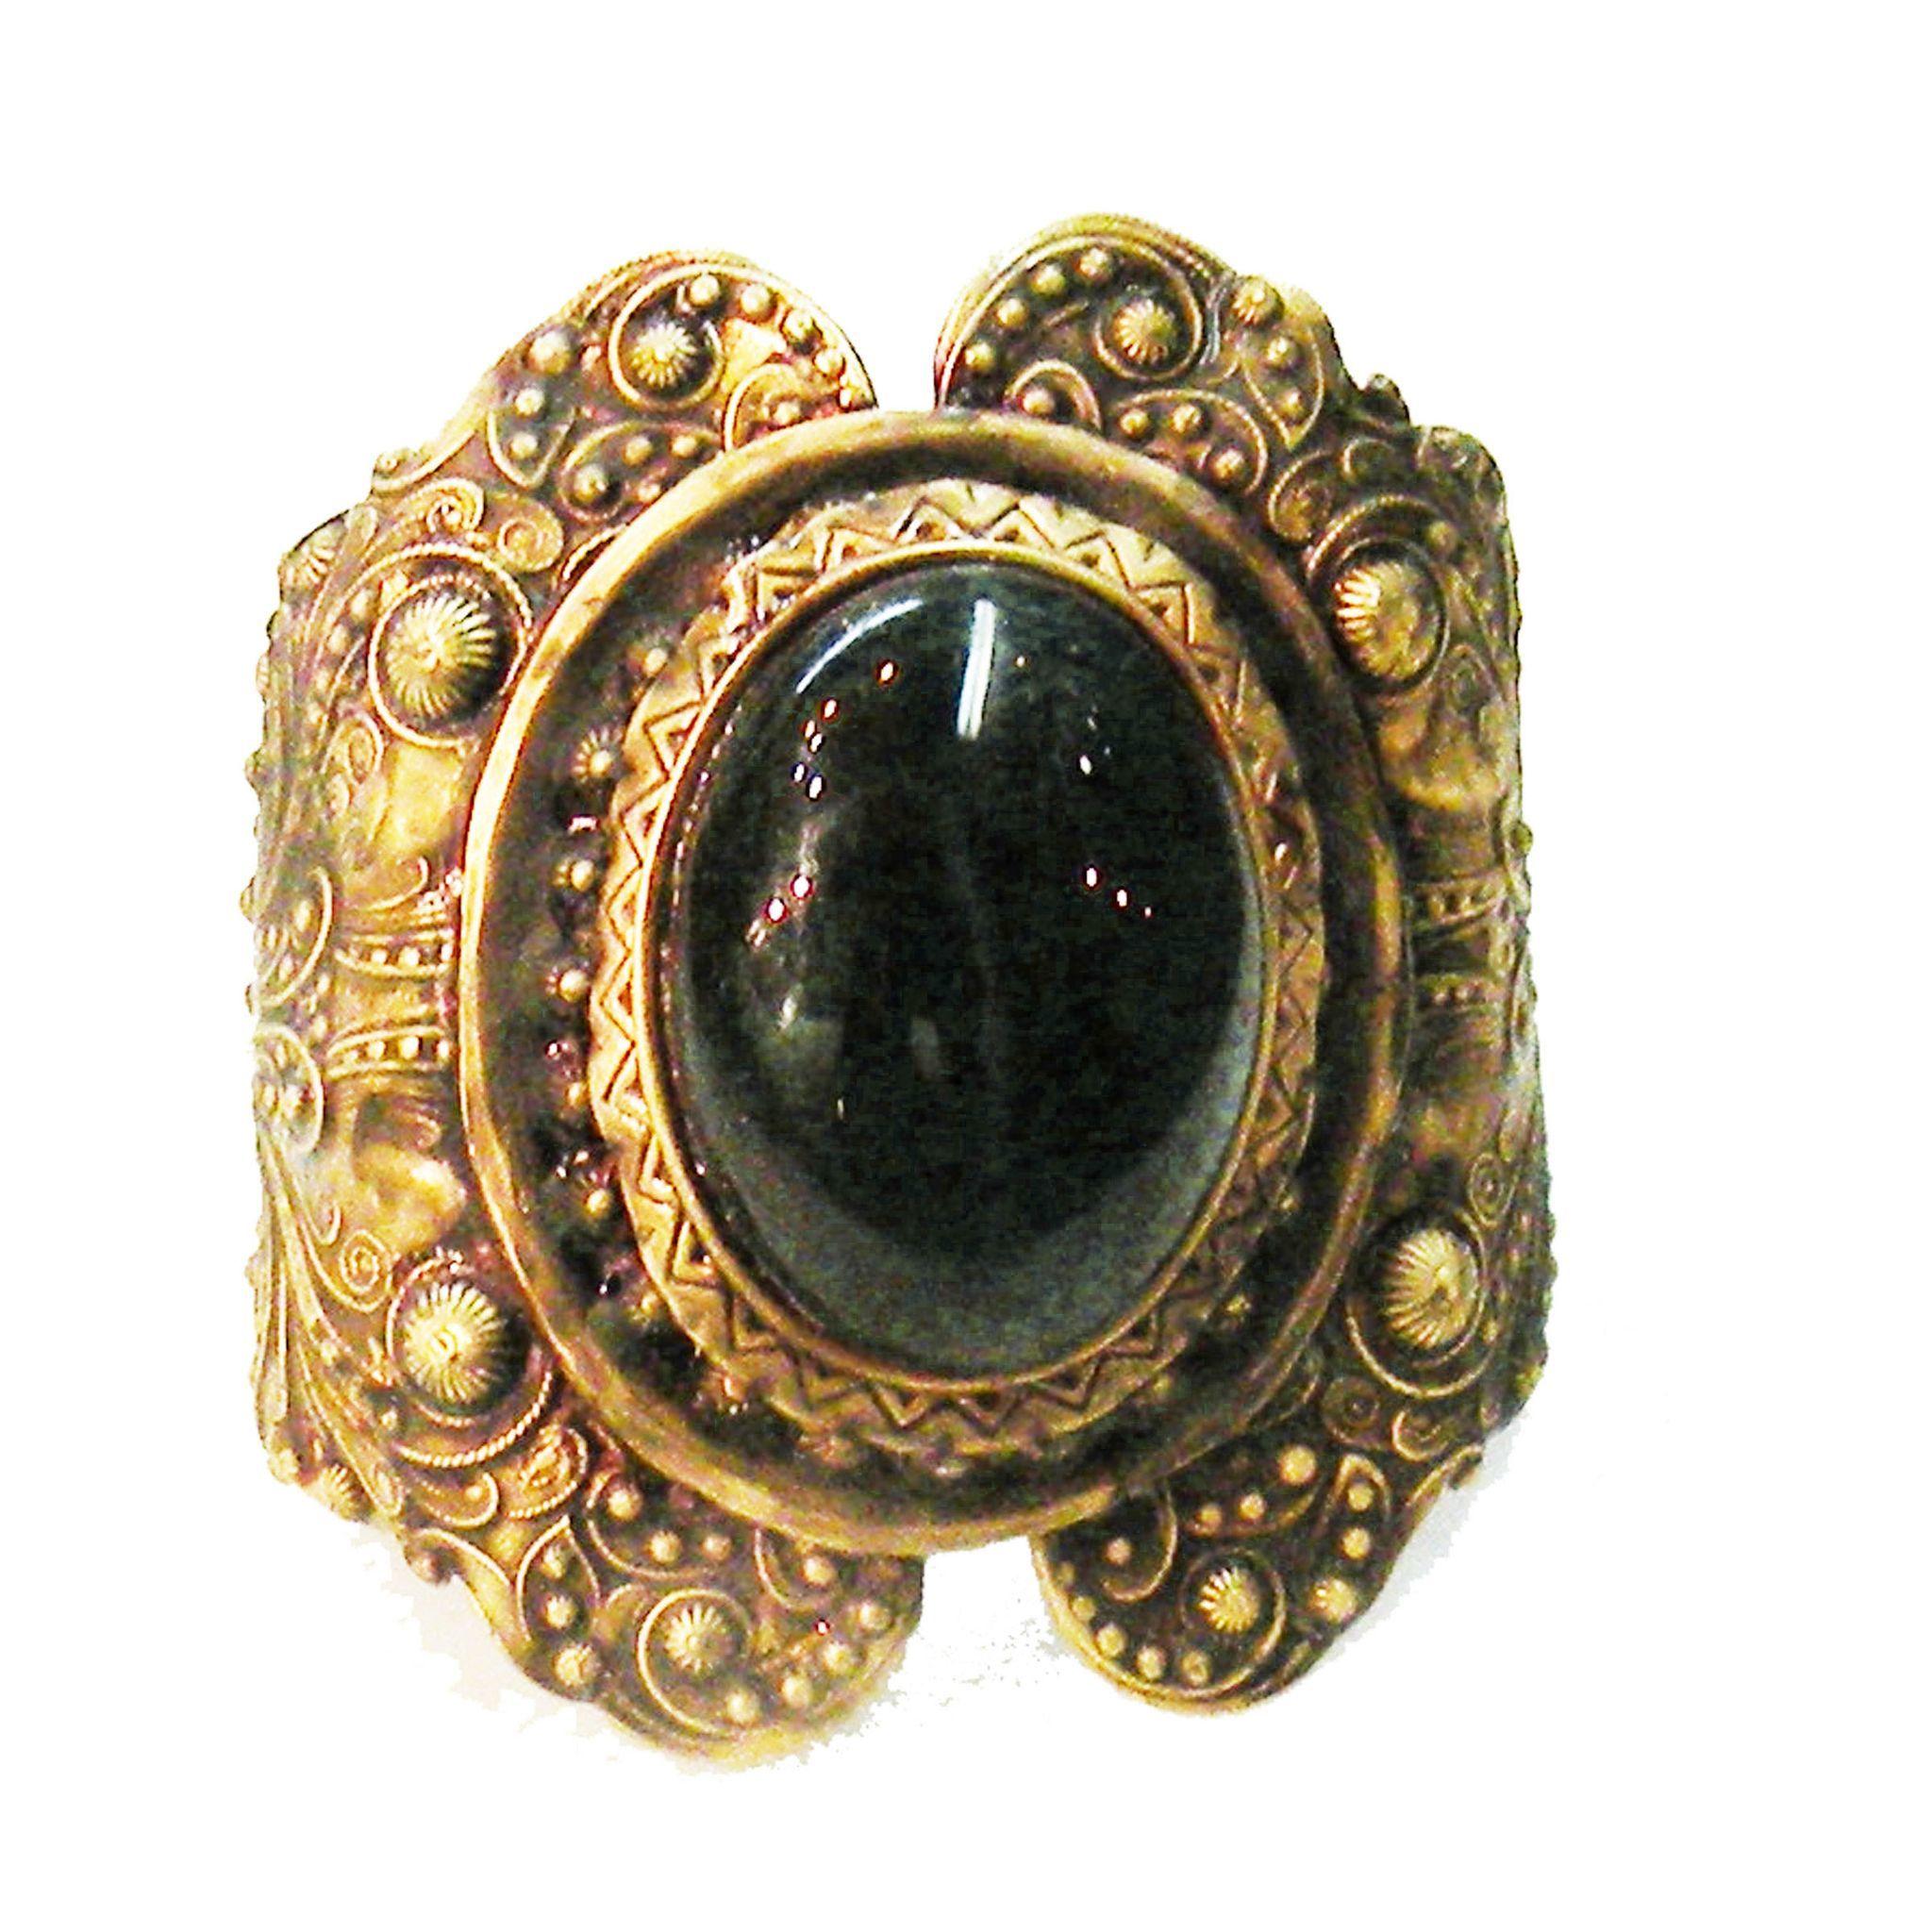 Rich Deep Green Giant Cabochon Repousee Renaissance Revival Cuff Bracelet